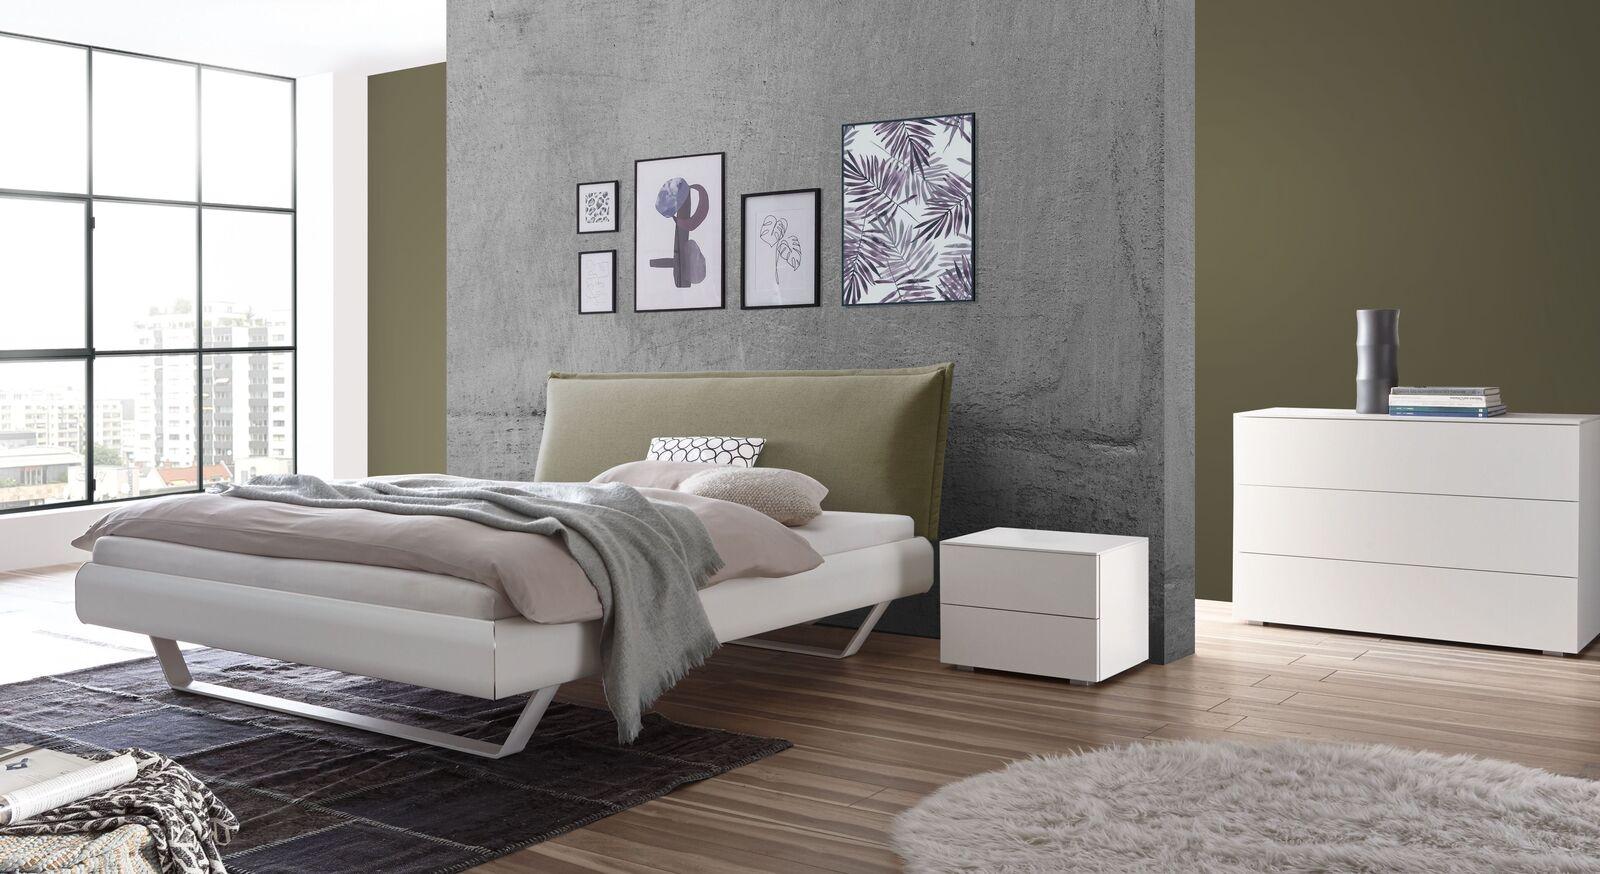 Bett Lukava mit weißen Beimöbeln